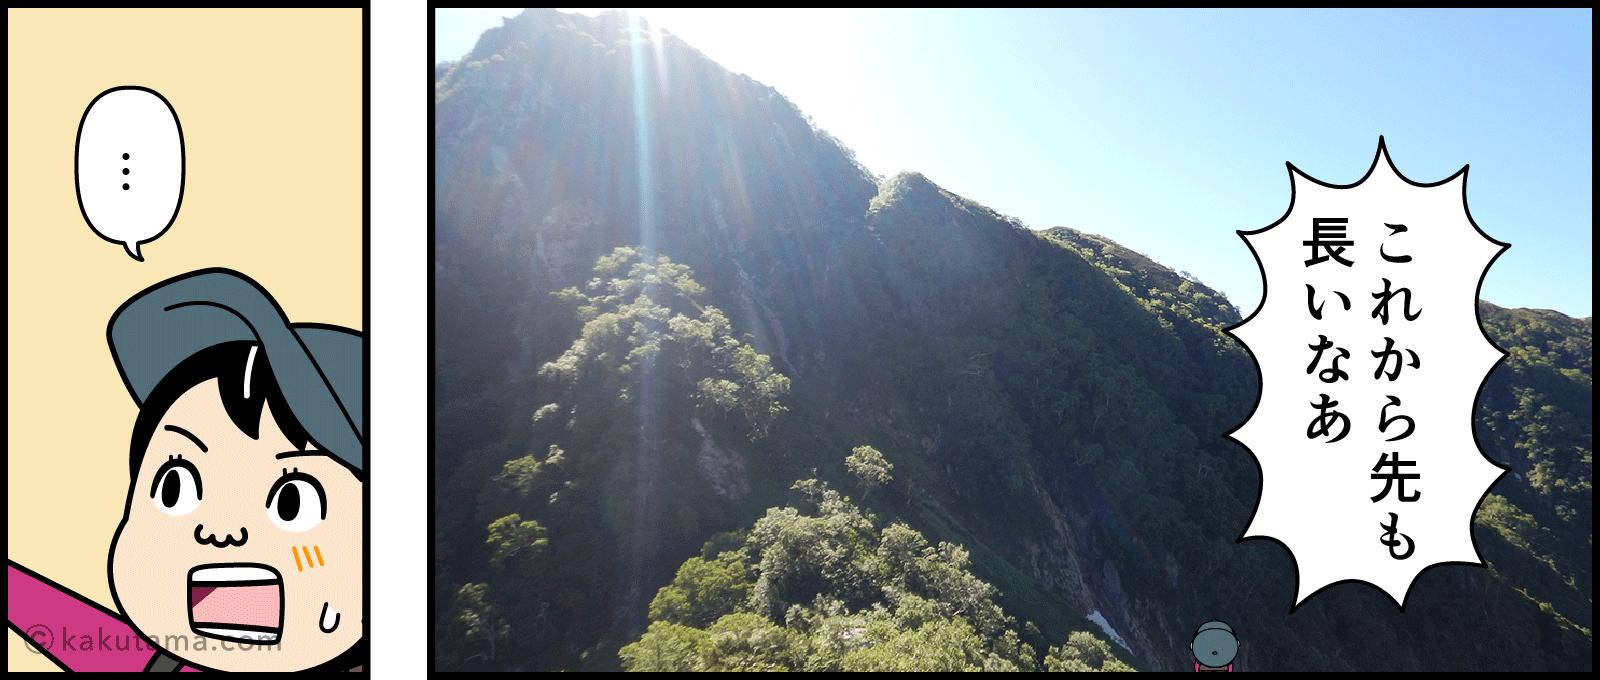 稜線にのってこれから登る方向を見る登山者のイラスト